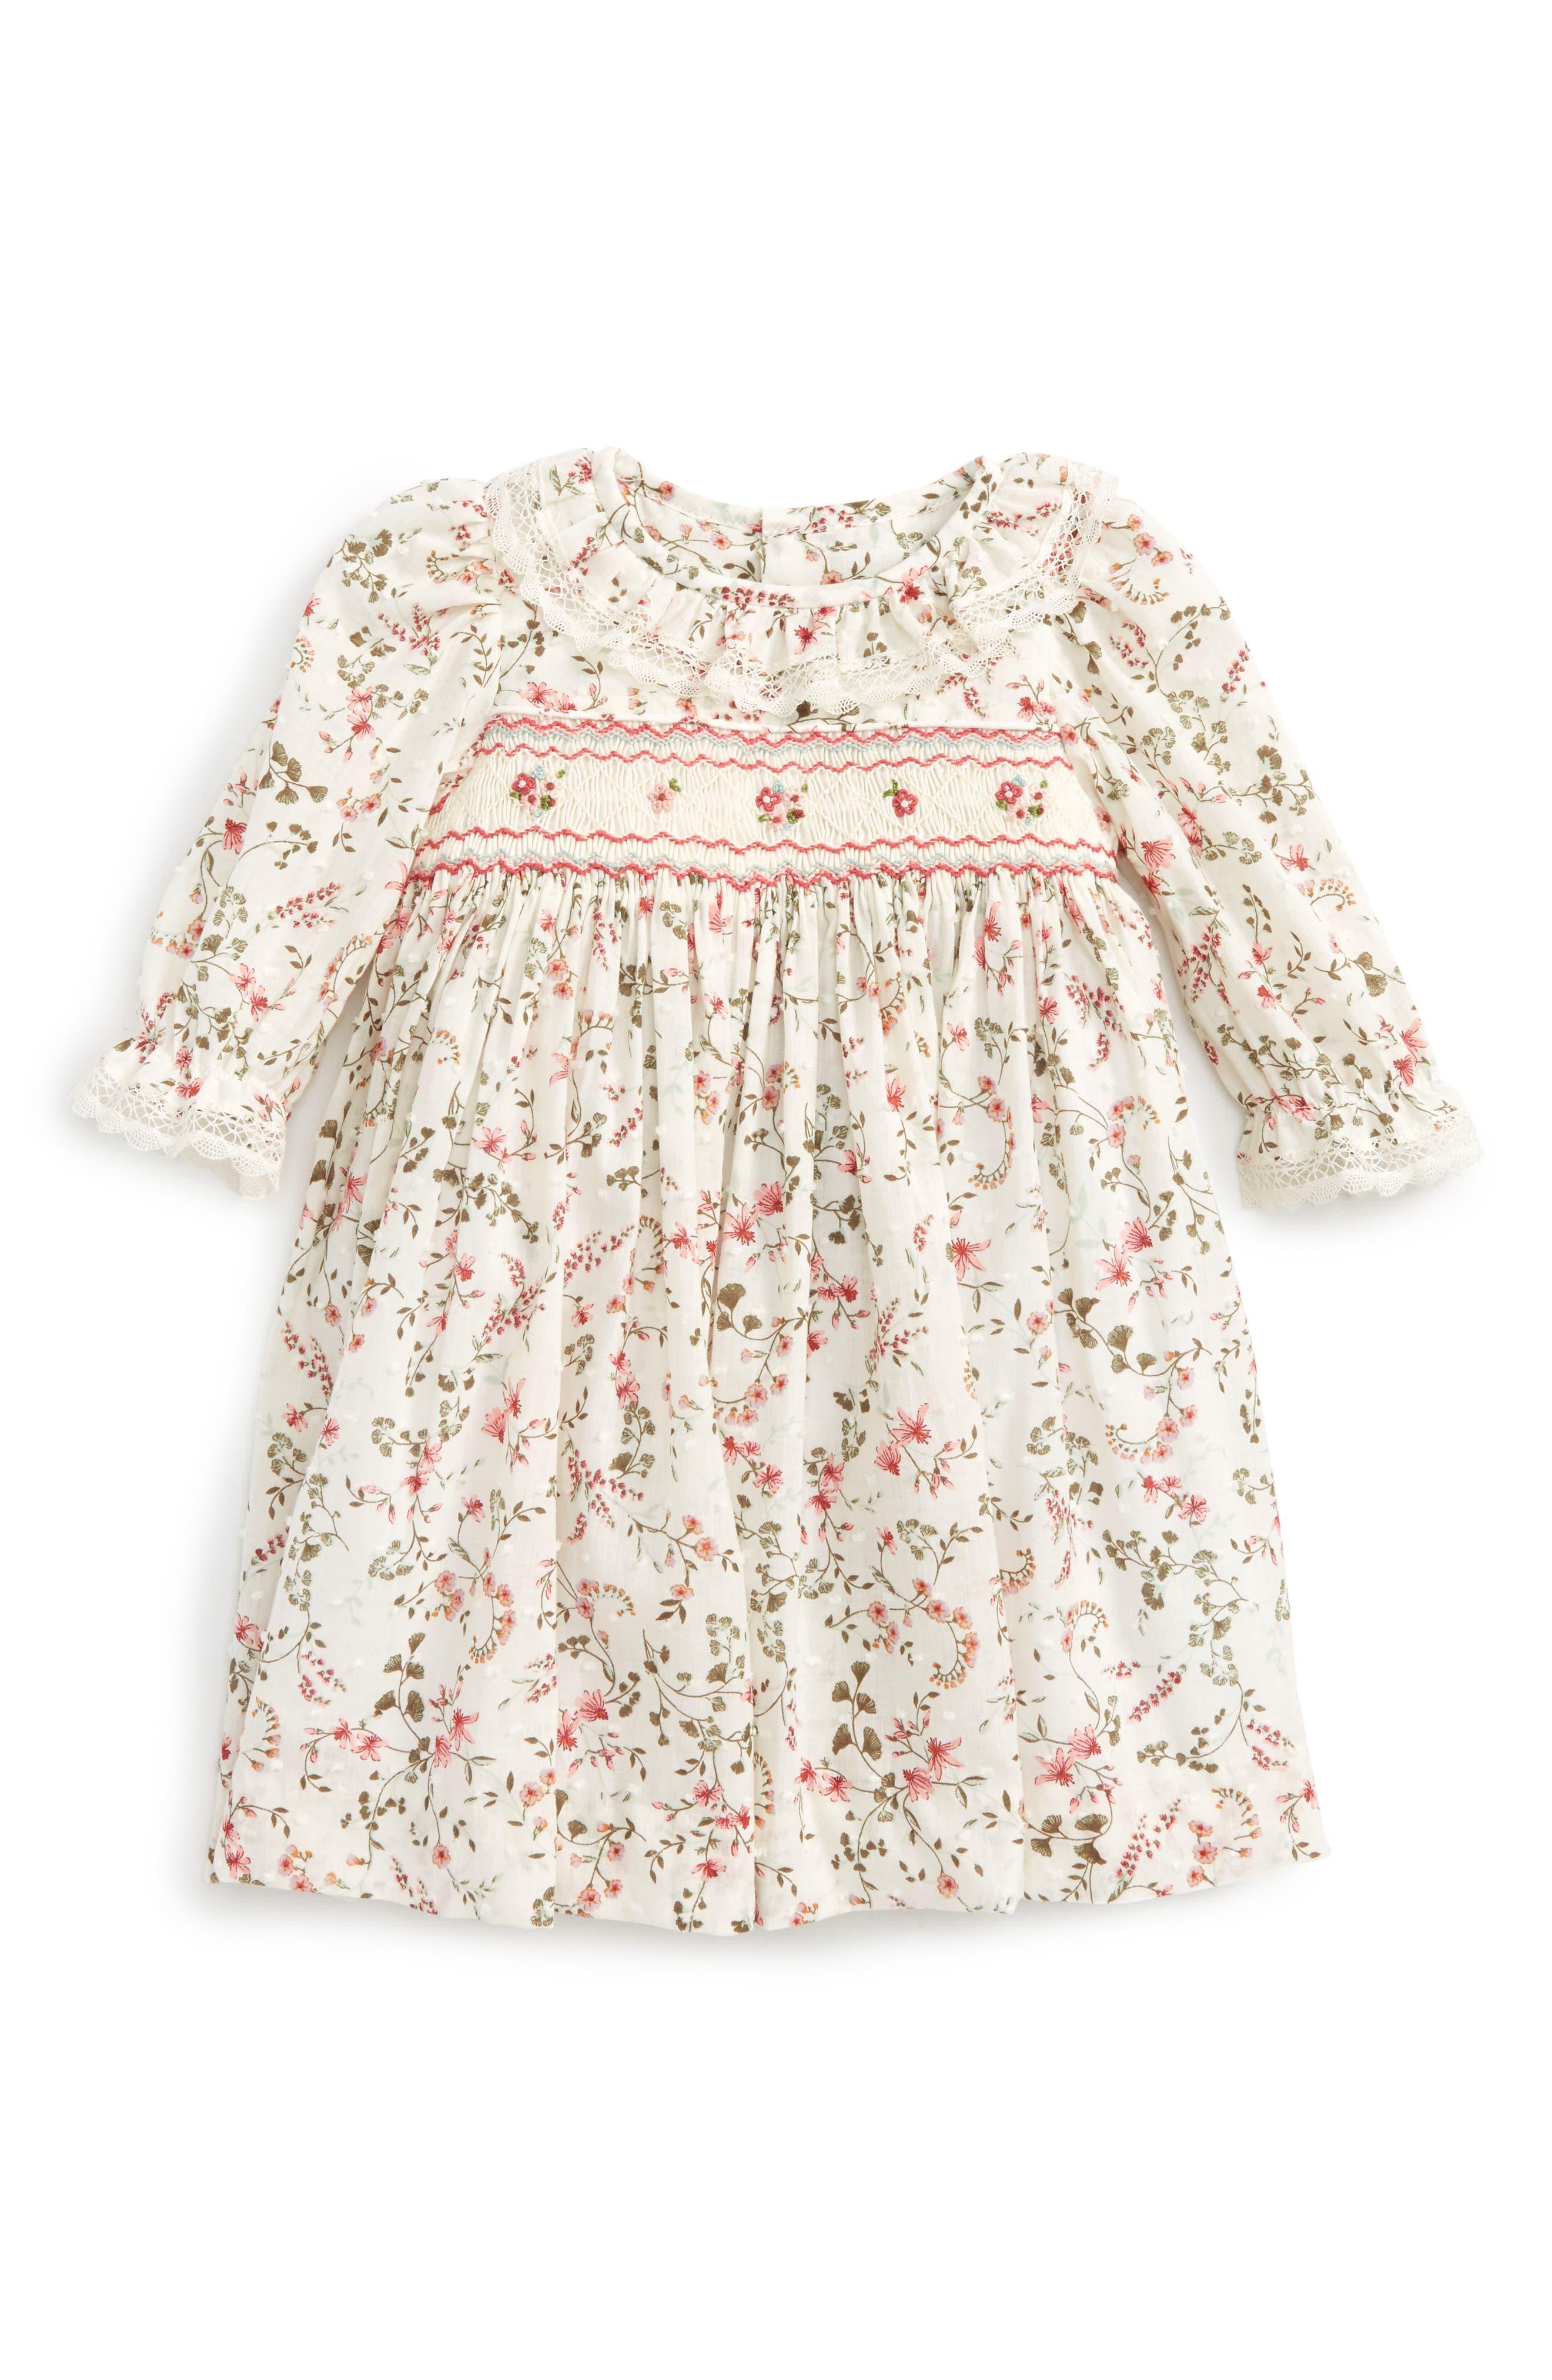 Main Image - Luli & Me Floral Print Plumetis Smocked Dress (Baby Girls)